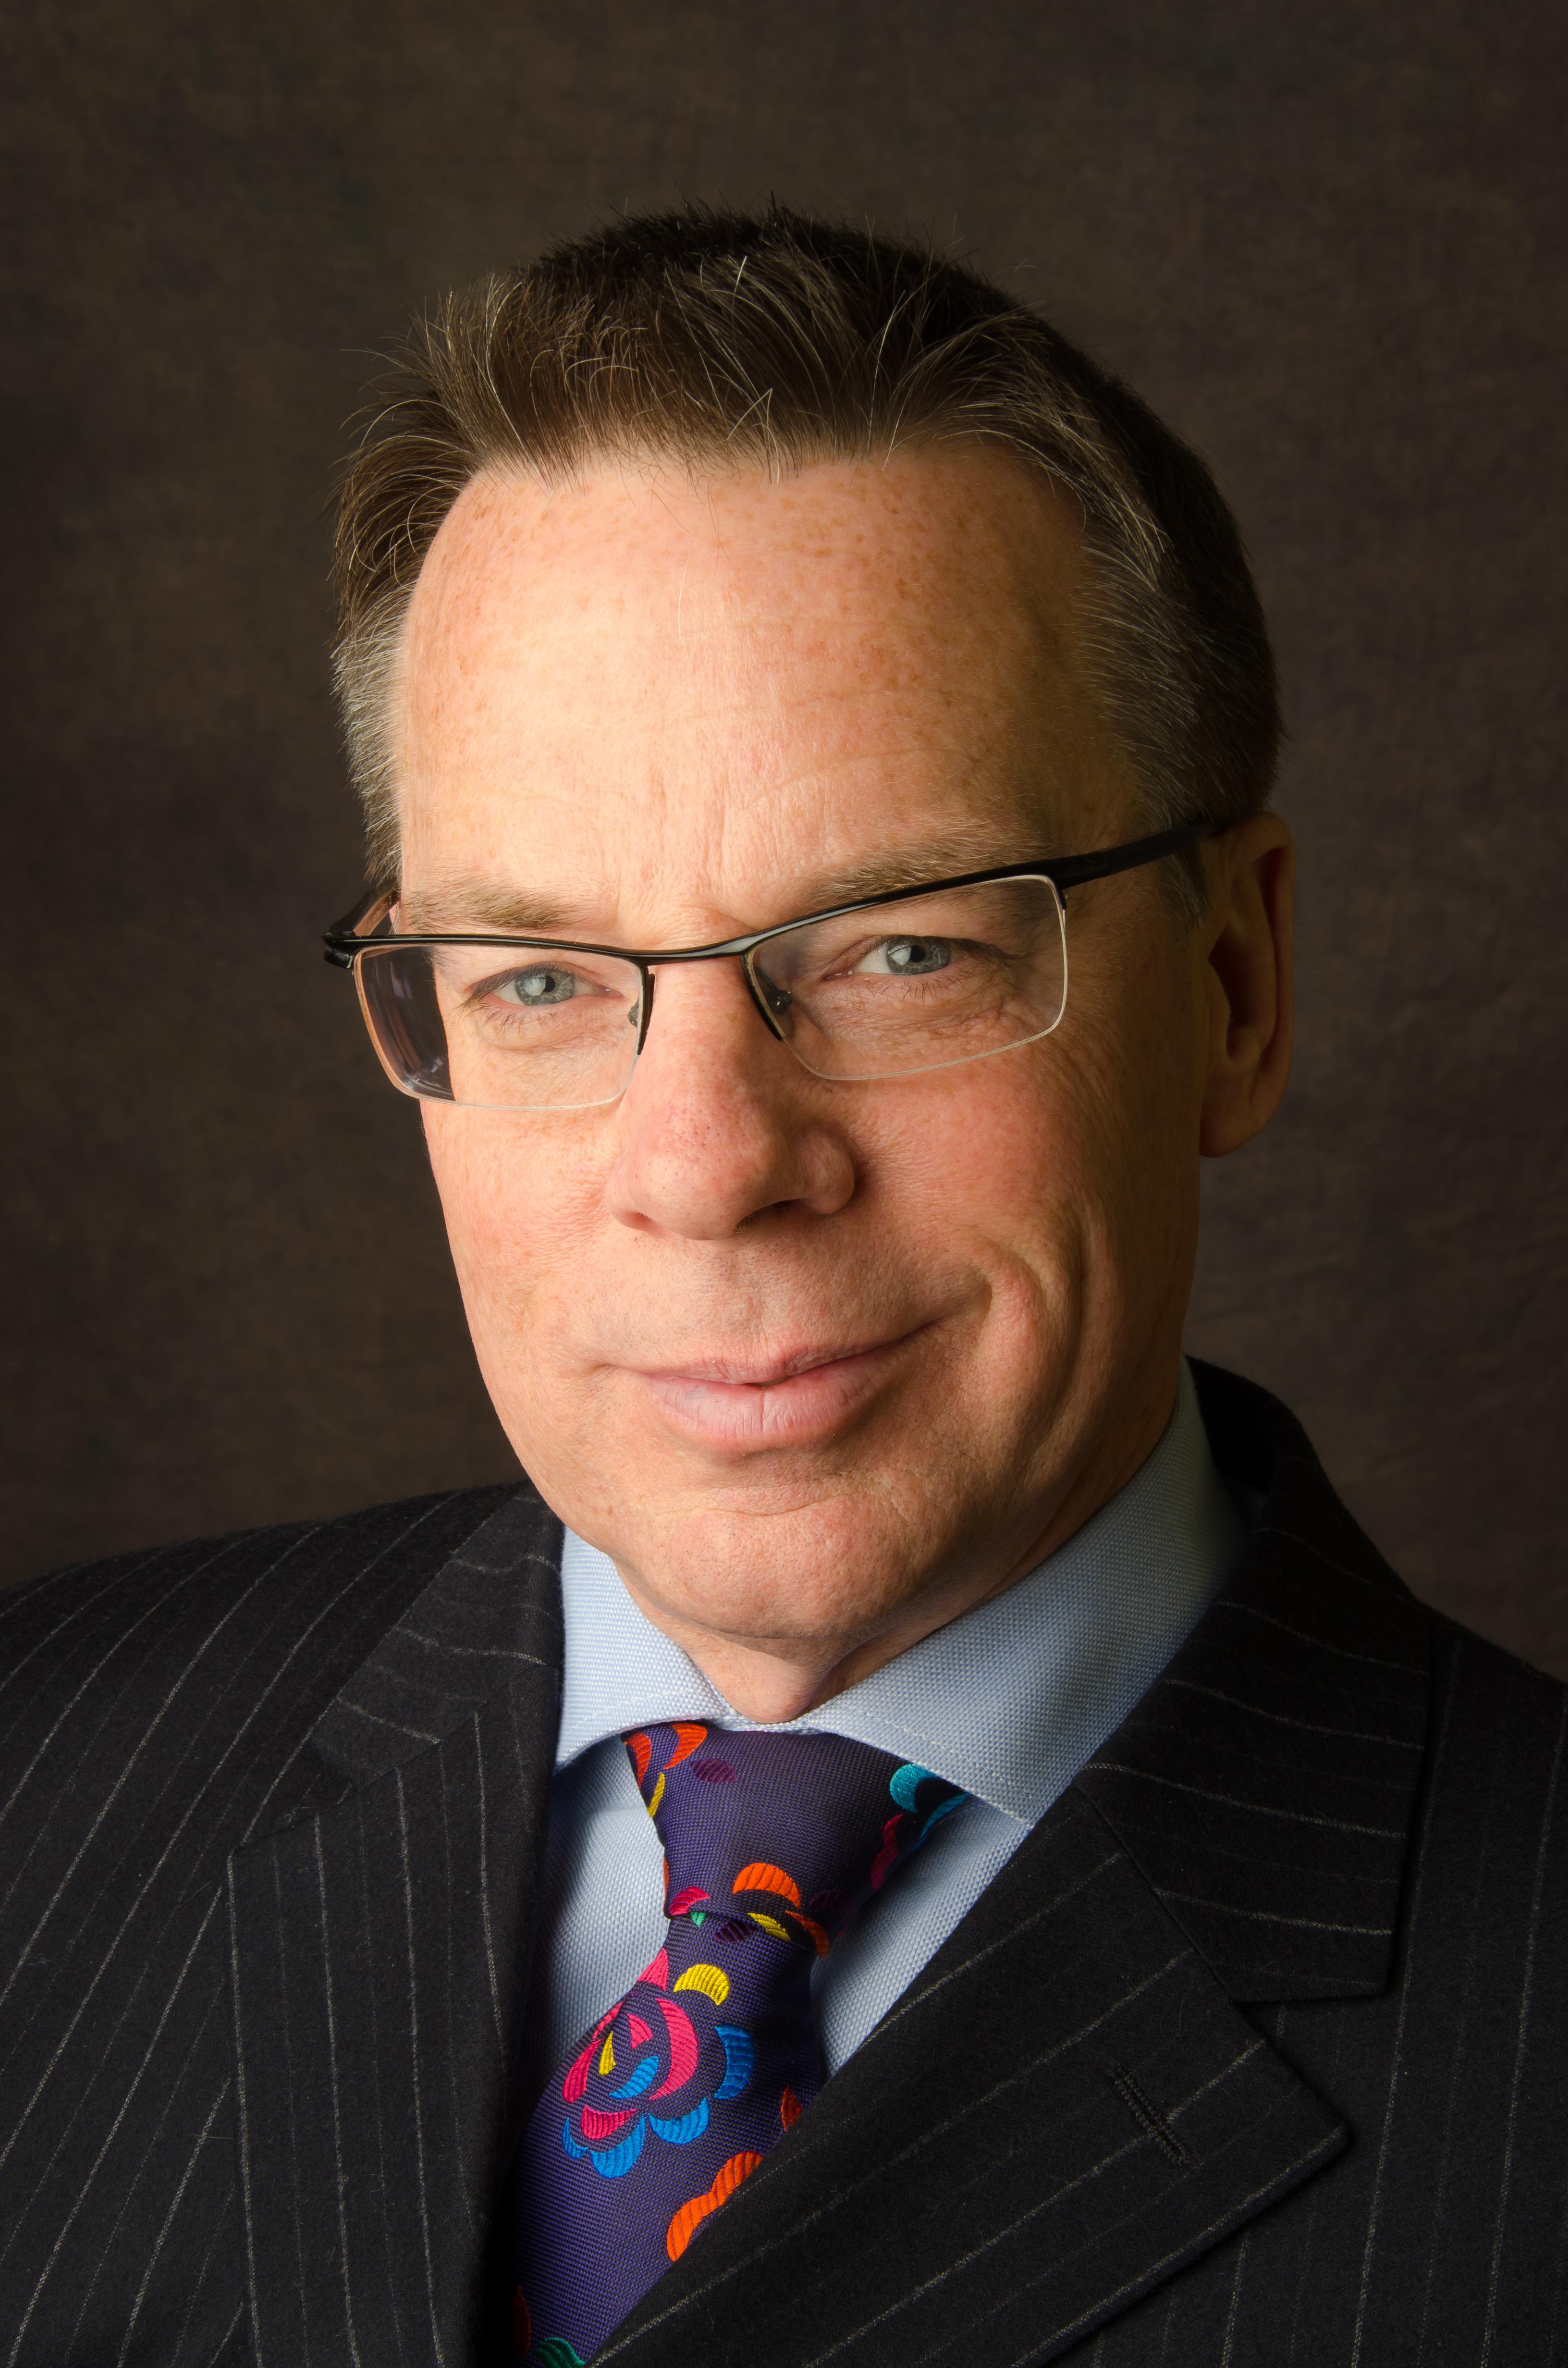 Glenn Mullan, President & CEO